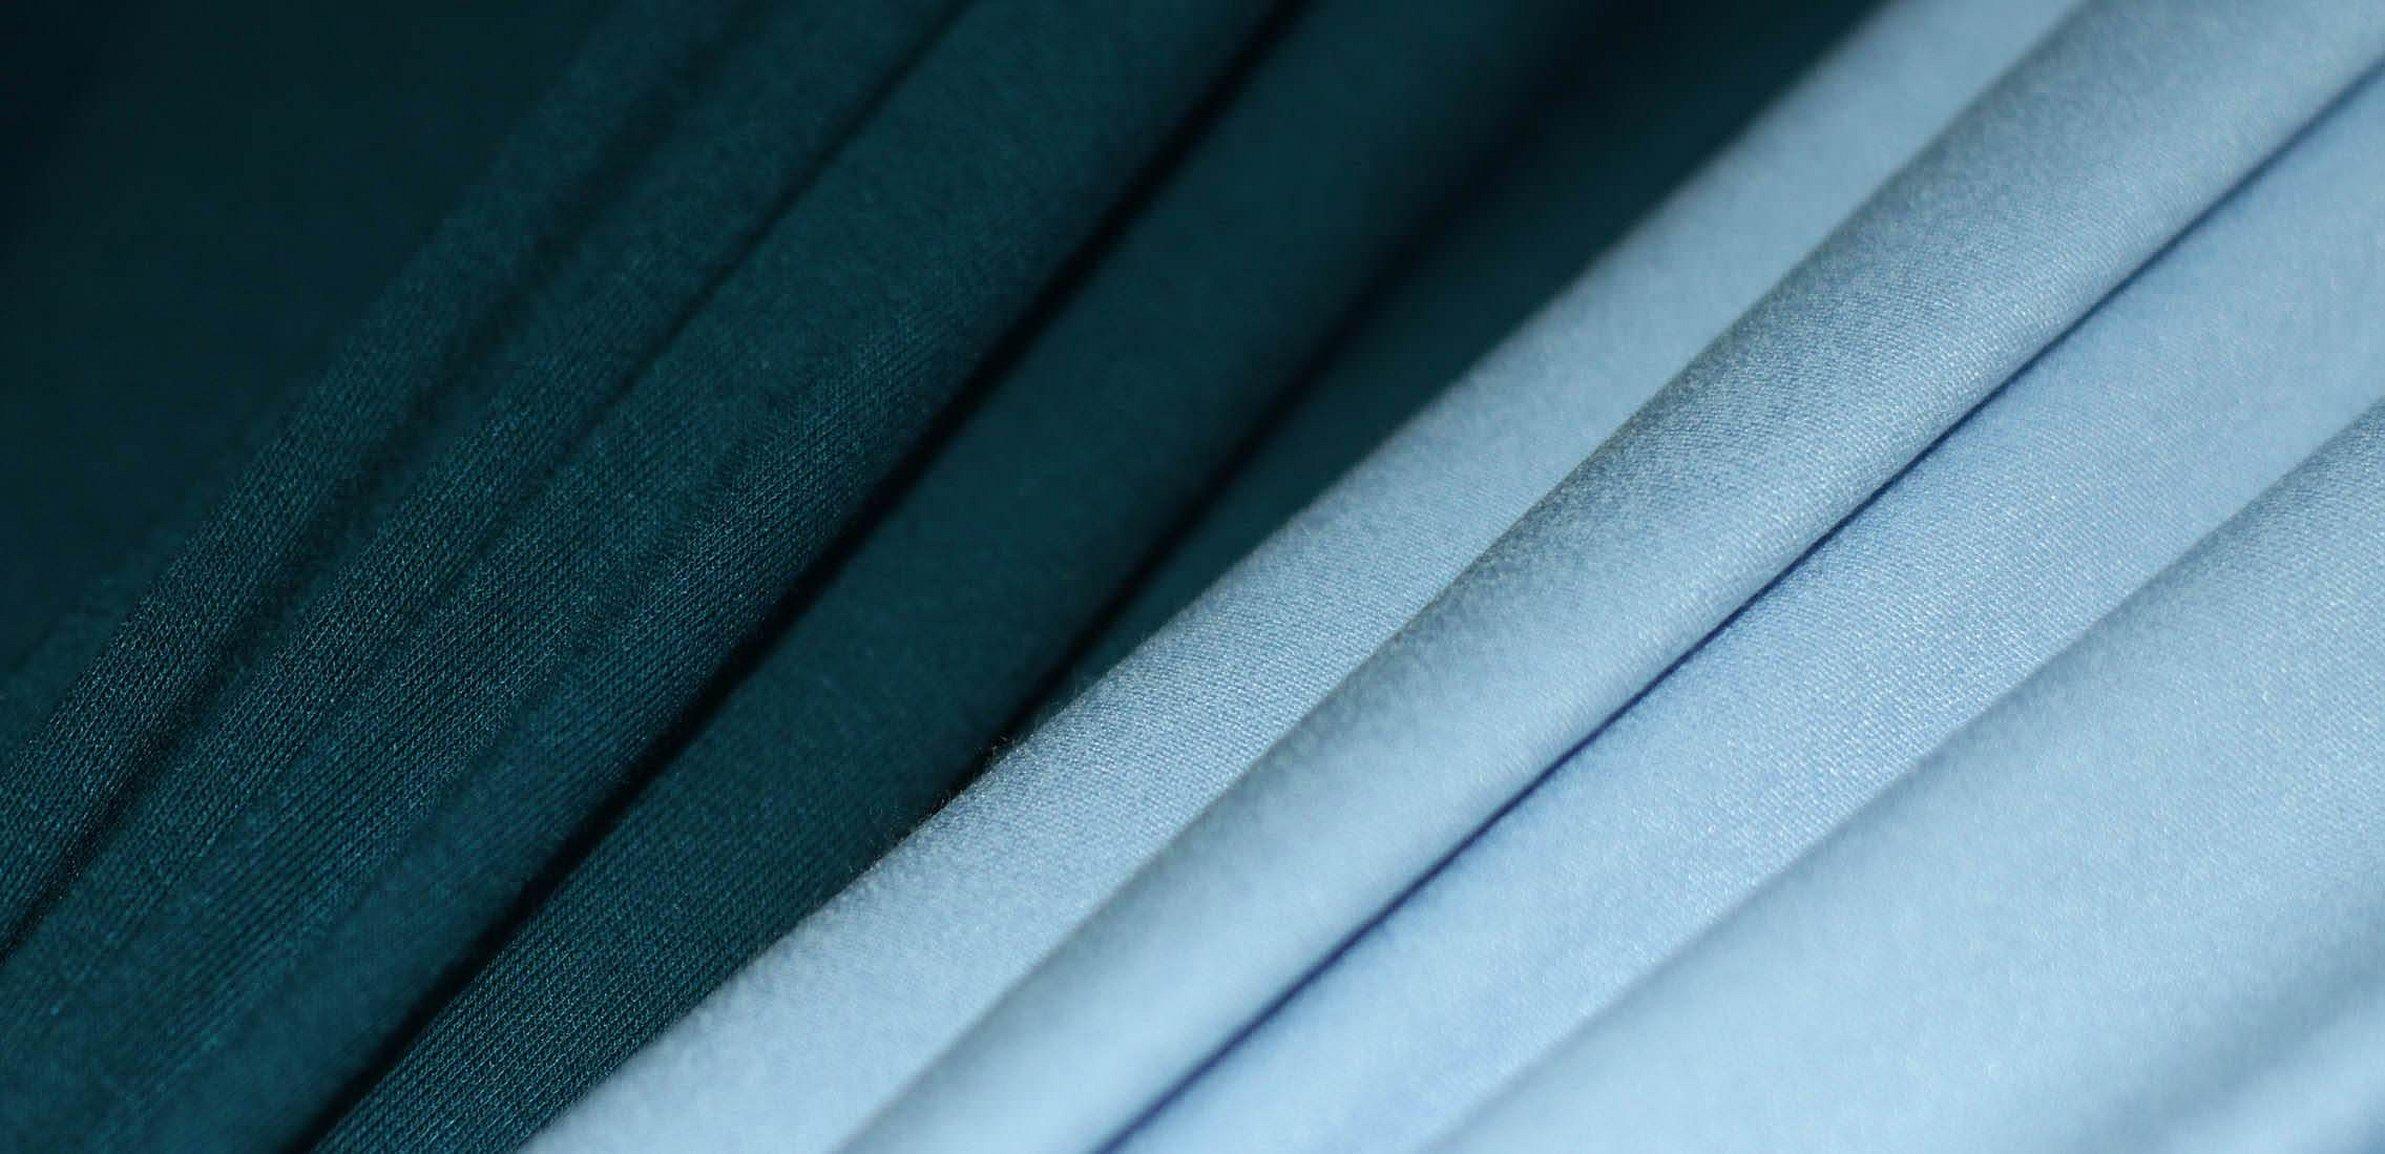 Ткань дабл фейс голубая